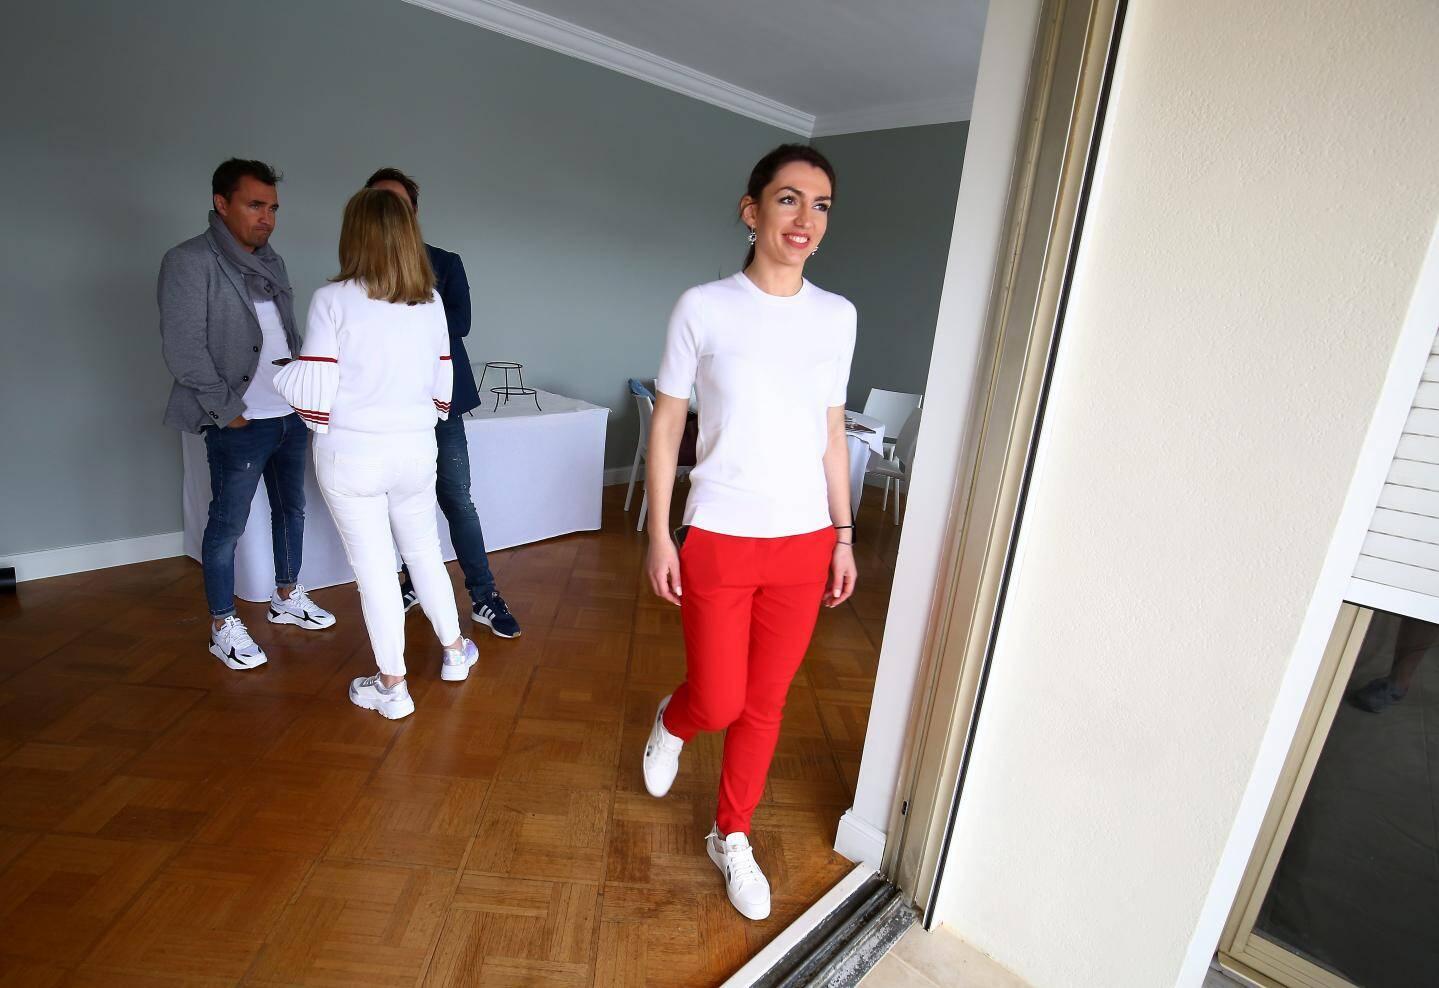 Pris en charge par les hôtesses, invités et clients sont guidés jusqu'au sixième étage du Beau Rivage. Avec vue imprenable sur une bonne partie du tracé.